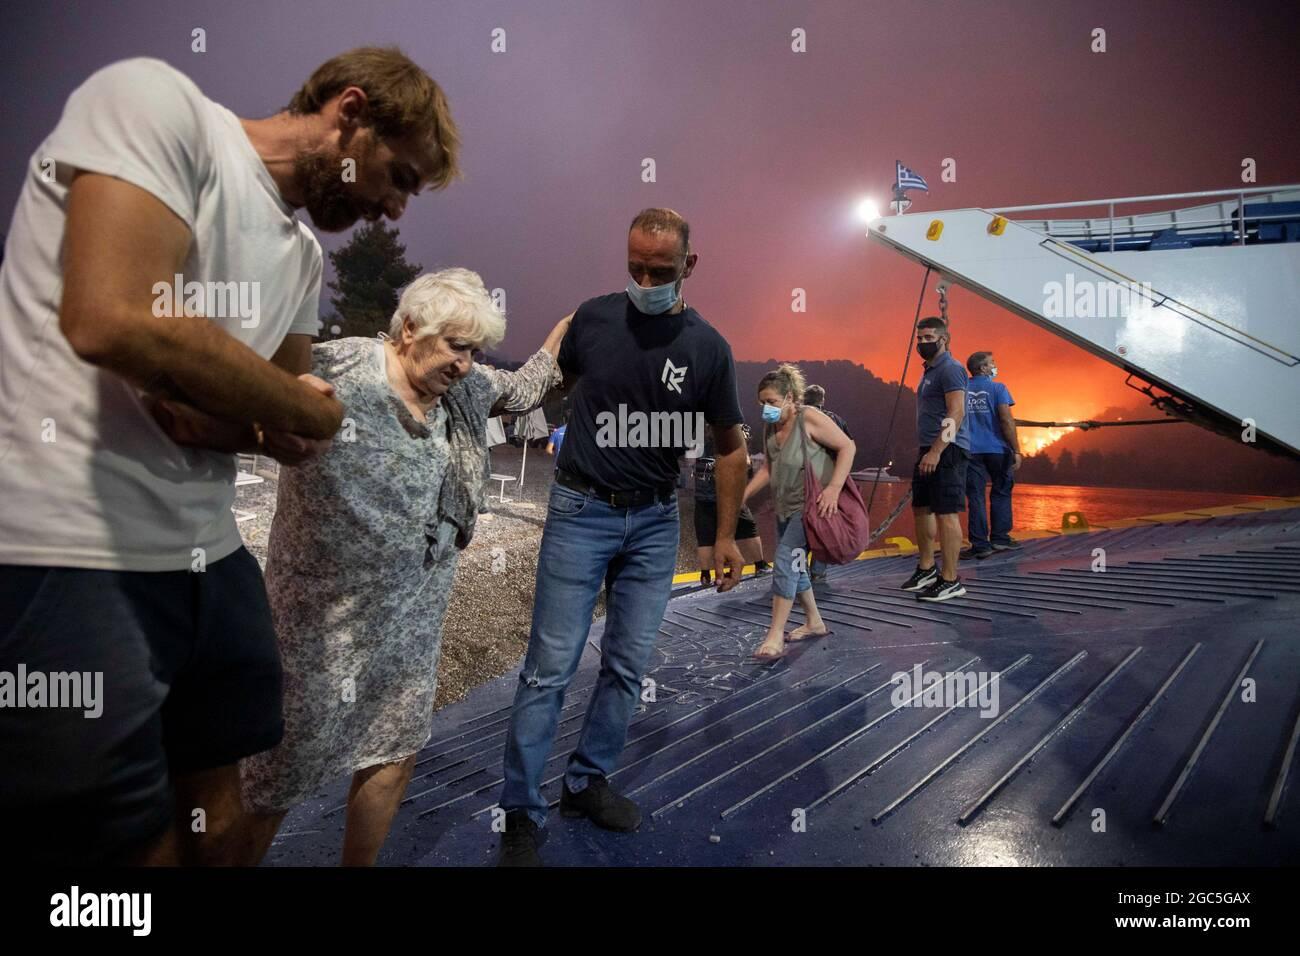 La gente saluta a bordo di un traghetto durante l'evacuazione come un fuoco selvatico brucia nel villaggio di Limni, sull'isola di Evia, Grecia, 6 agosto 2021. Foto scattata il 6 agosto 2021. REUTERS/Nicolas Economou Foto Stock